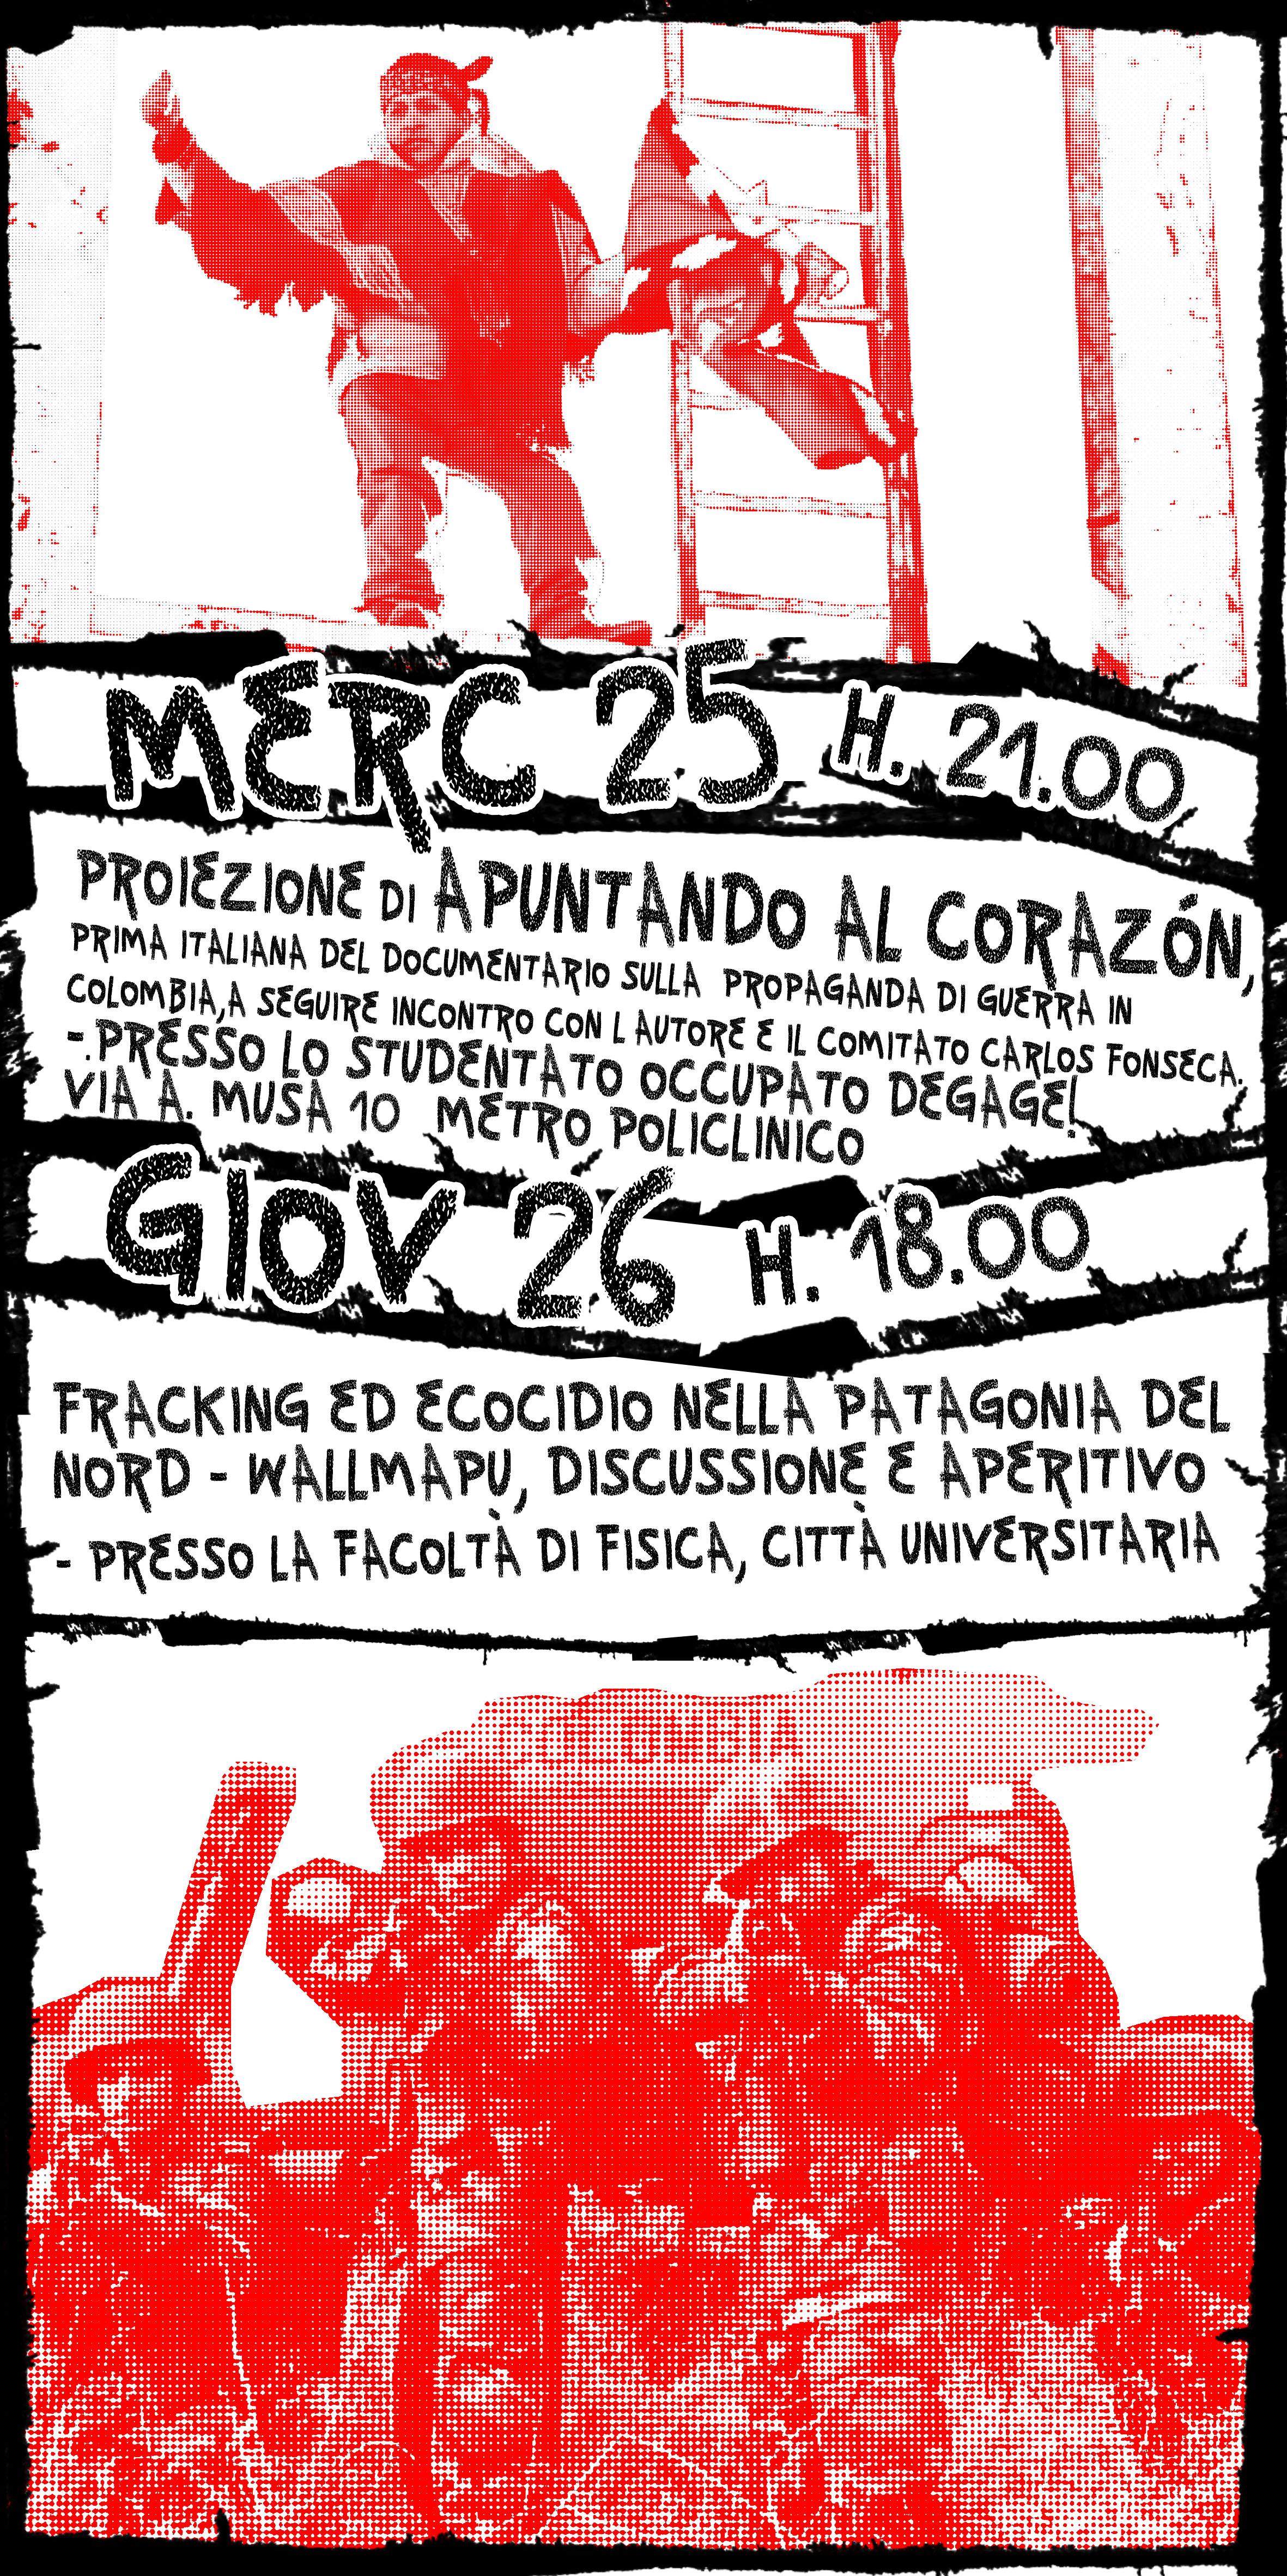 Locandina 25-26.09.13